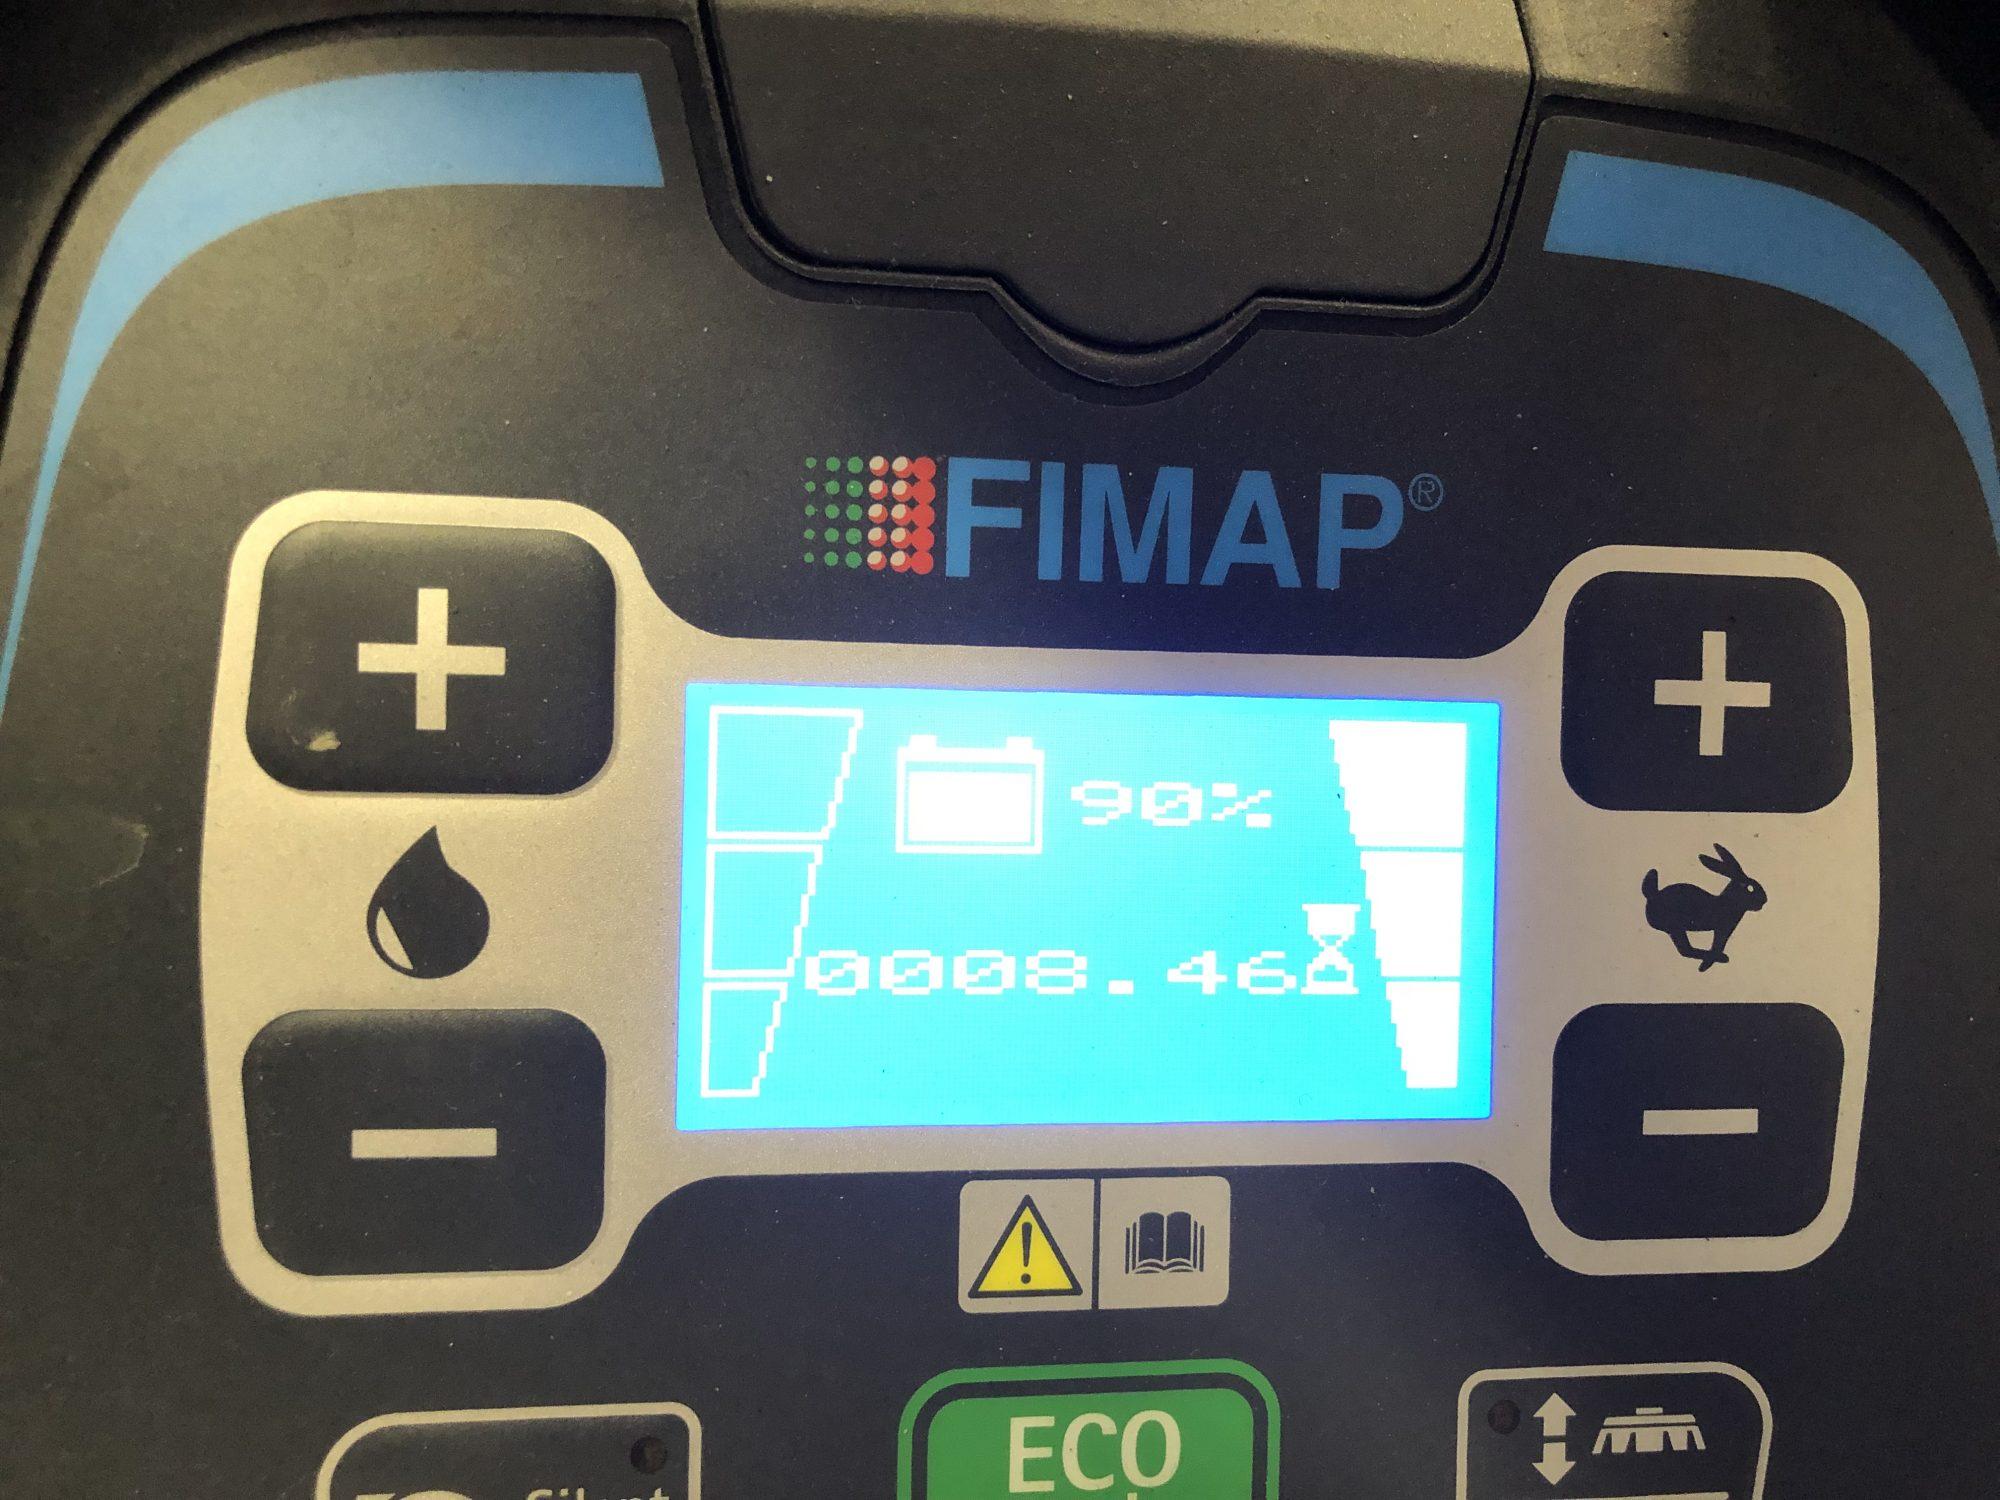 Fimap Maxima 50 Bts Pro 2